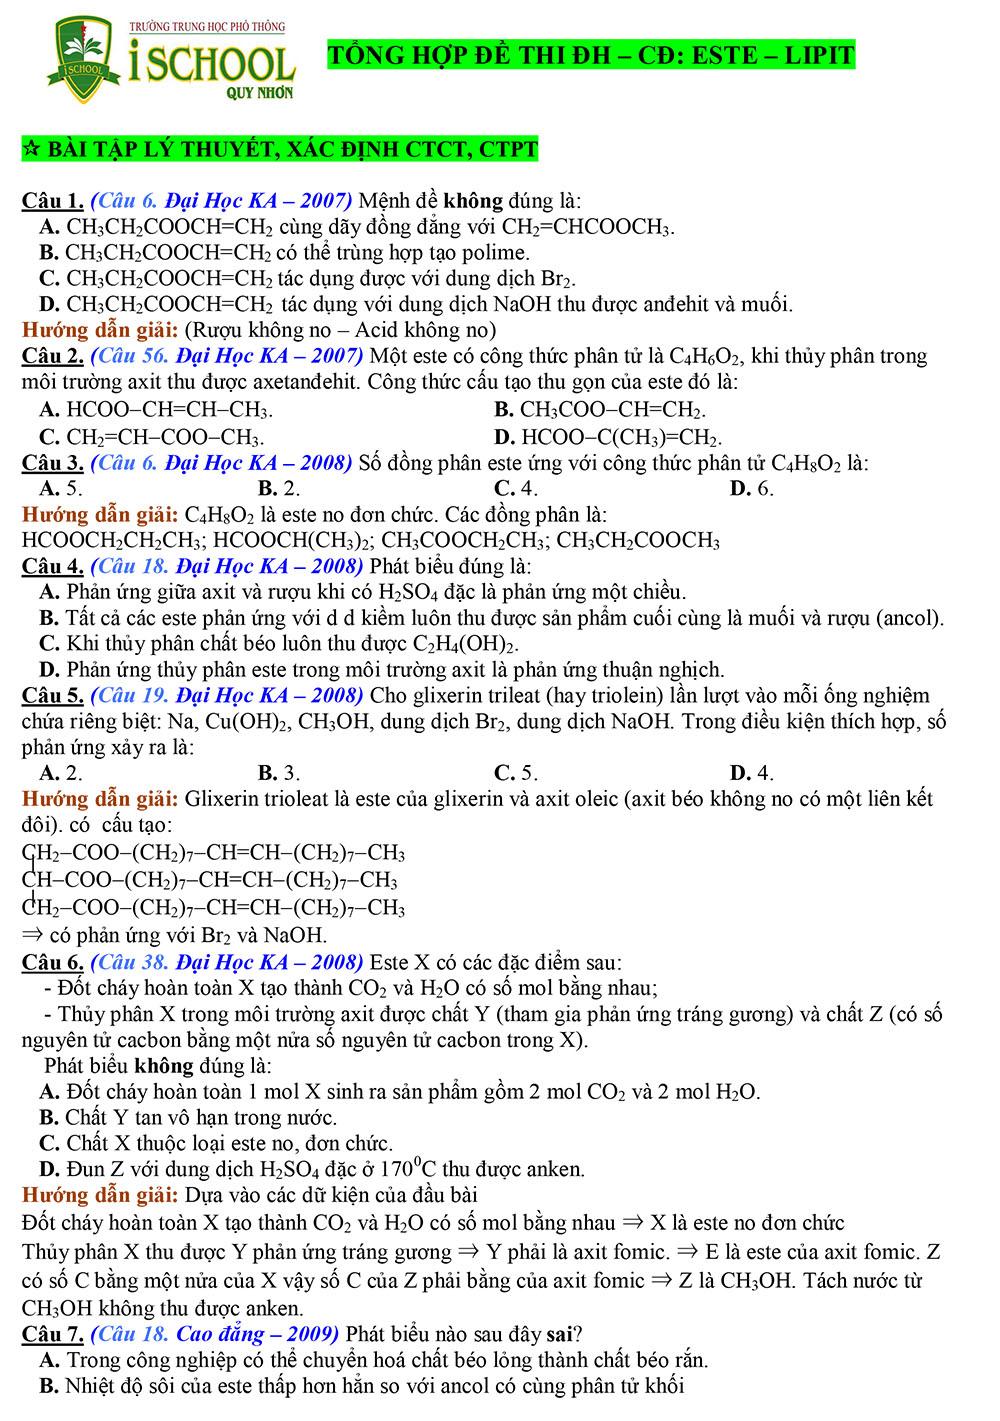 Bài tập este - lipit trong đề thi Đại Học - Cao Đẳng